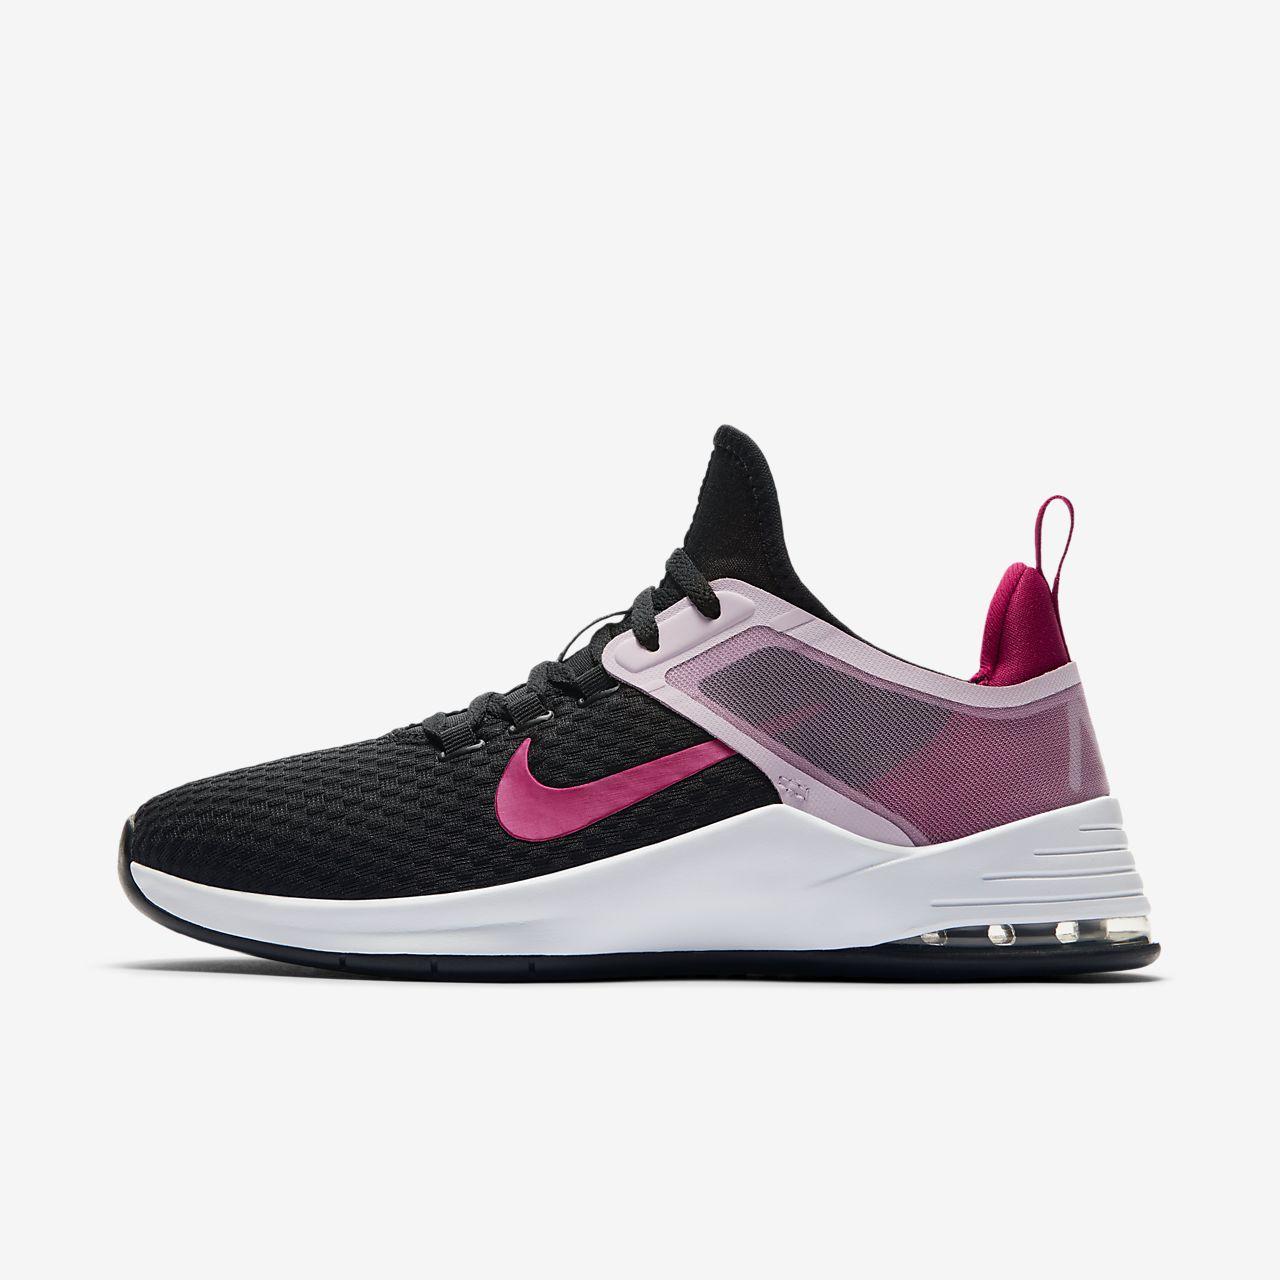 20 Best nike free pink images | Nike free, Nike, Nike women